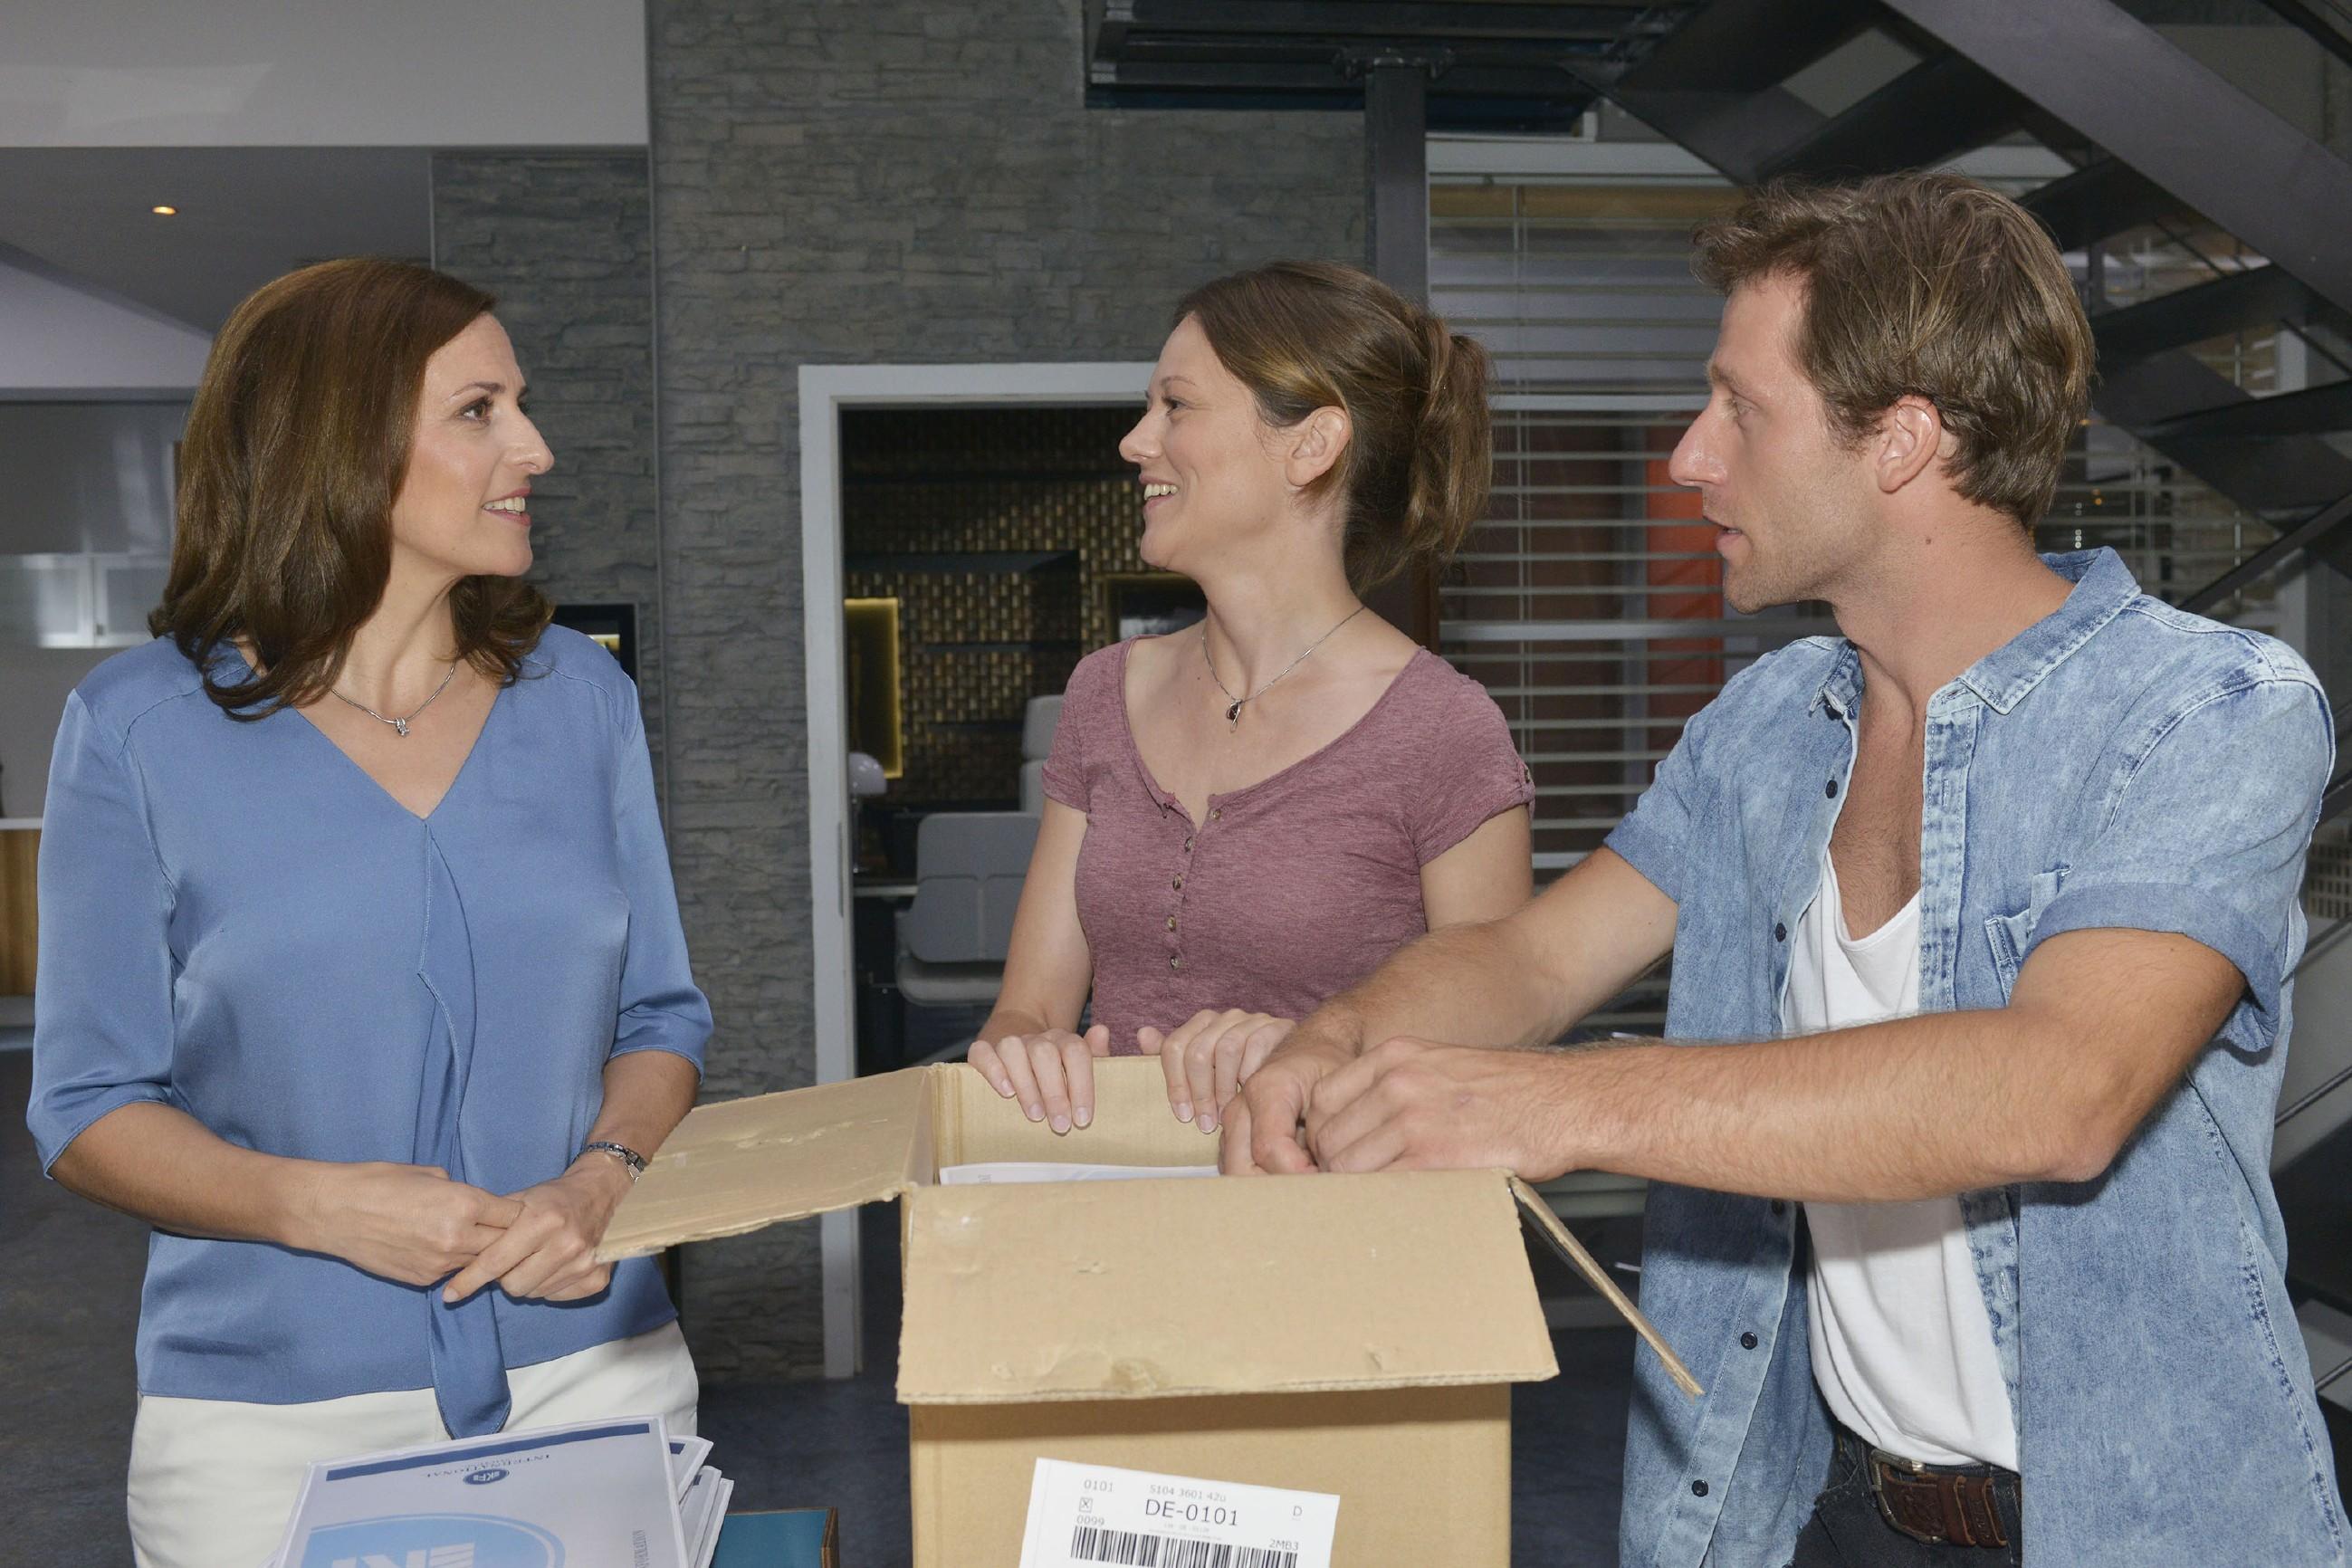 Katrin (Ulrike Frank, l.) will sich vor Sarah (Katja Sieder) und Bommel (Merlin Leonhardt) keine Blöße geben und nimmt die Hilfe von Sarah an.